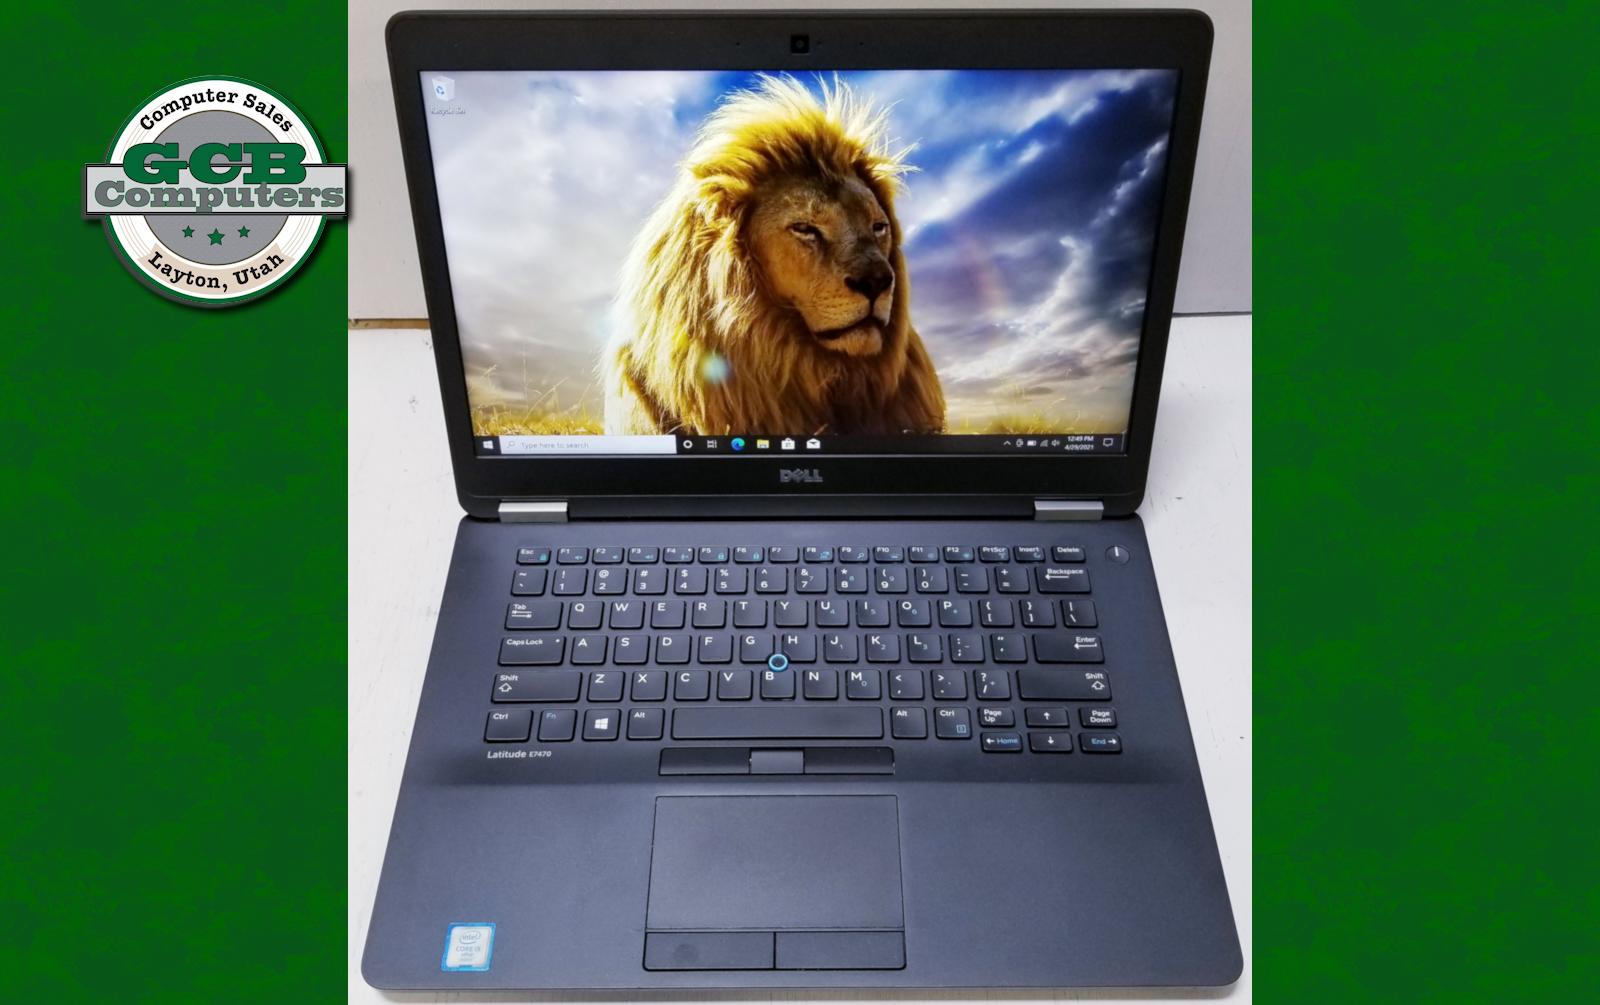 $200 Dell 7470 i5-6300U 256GB M.2 SSD 8GB RAM 1080P Screen